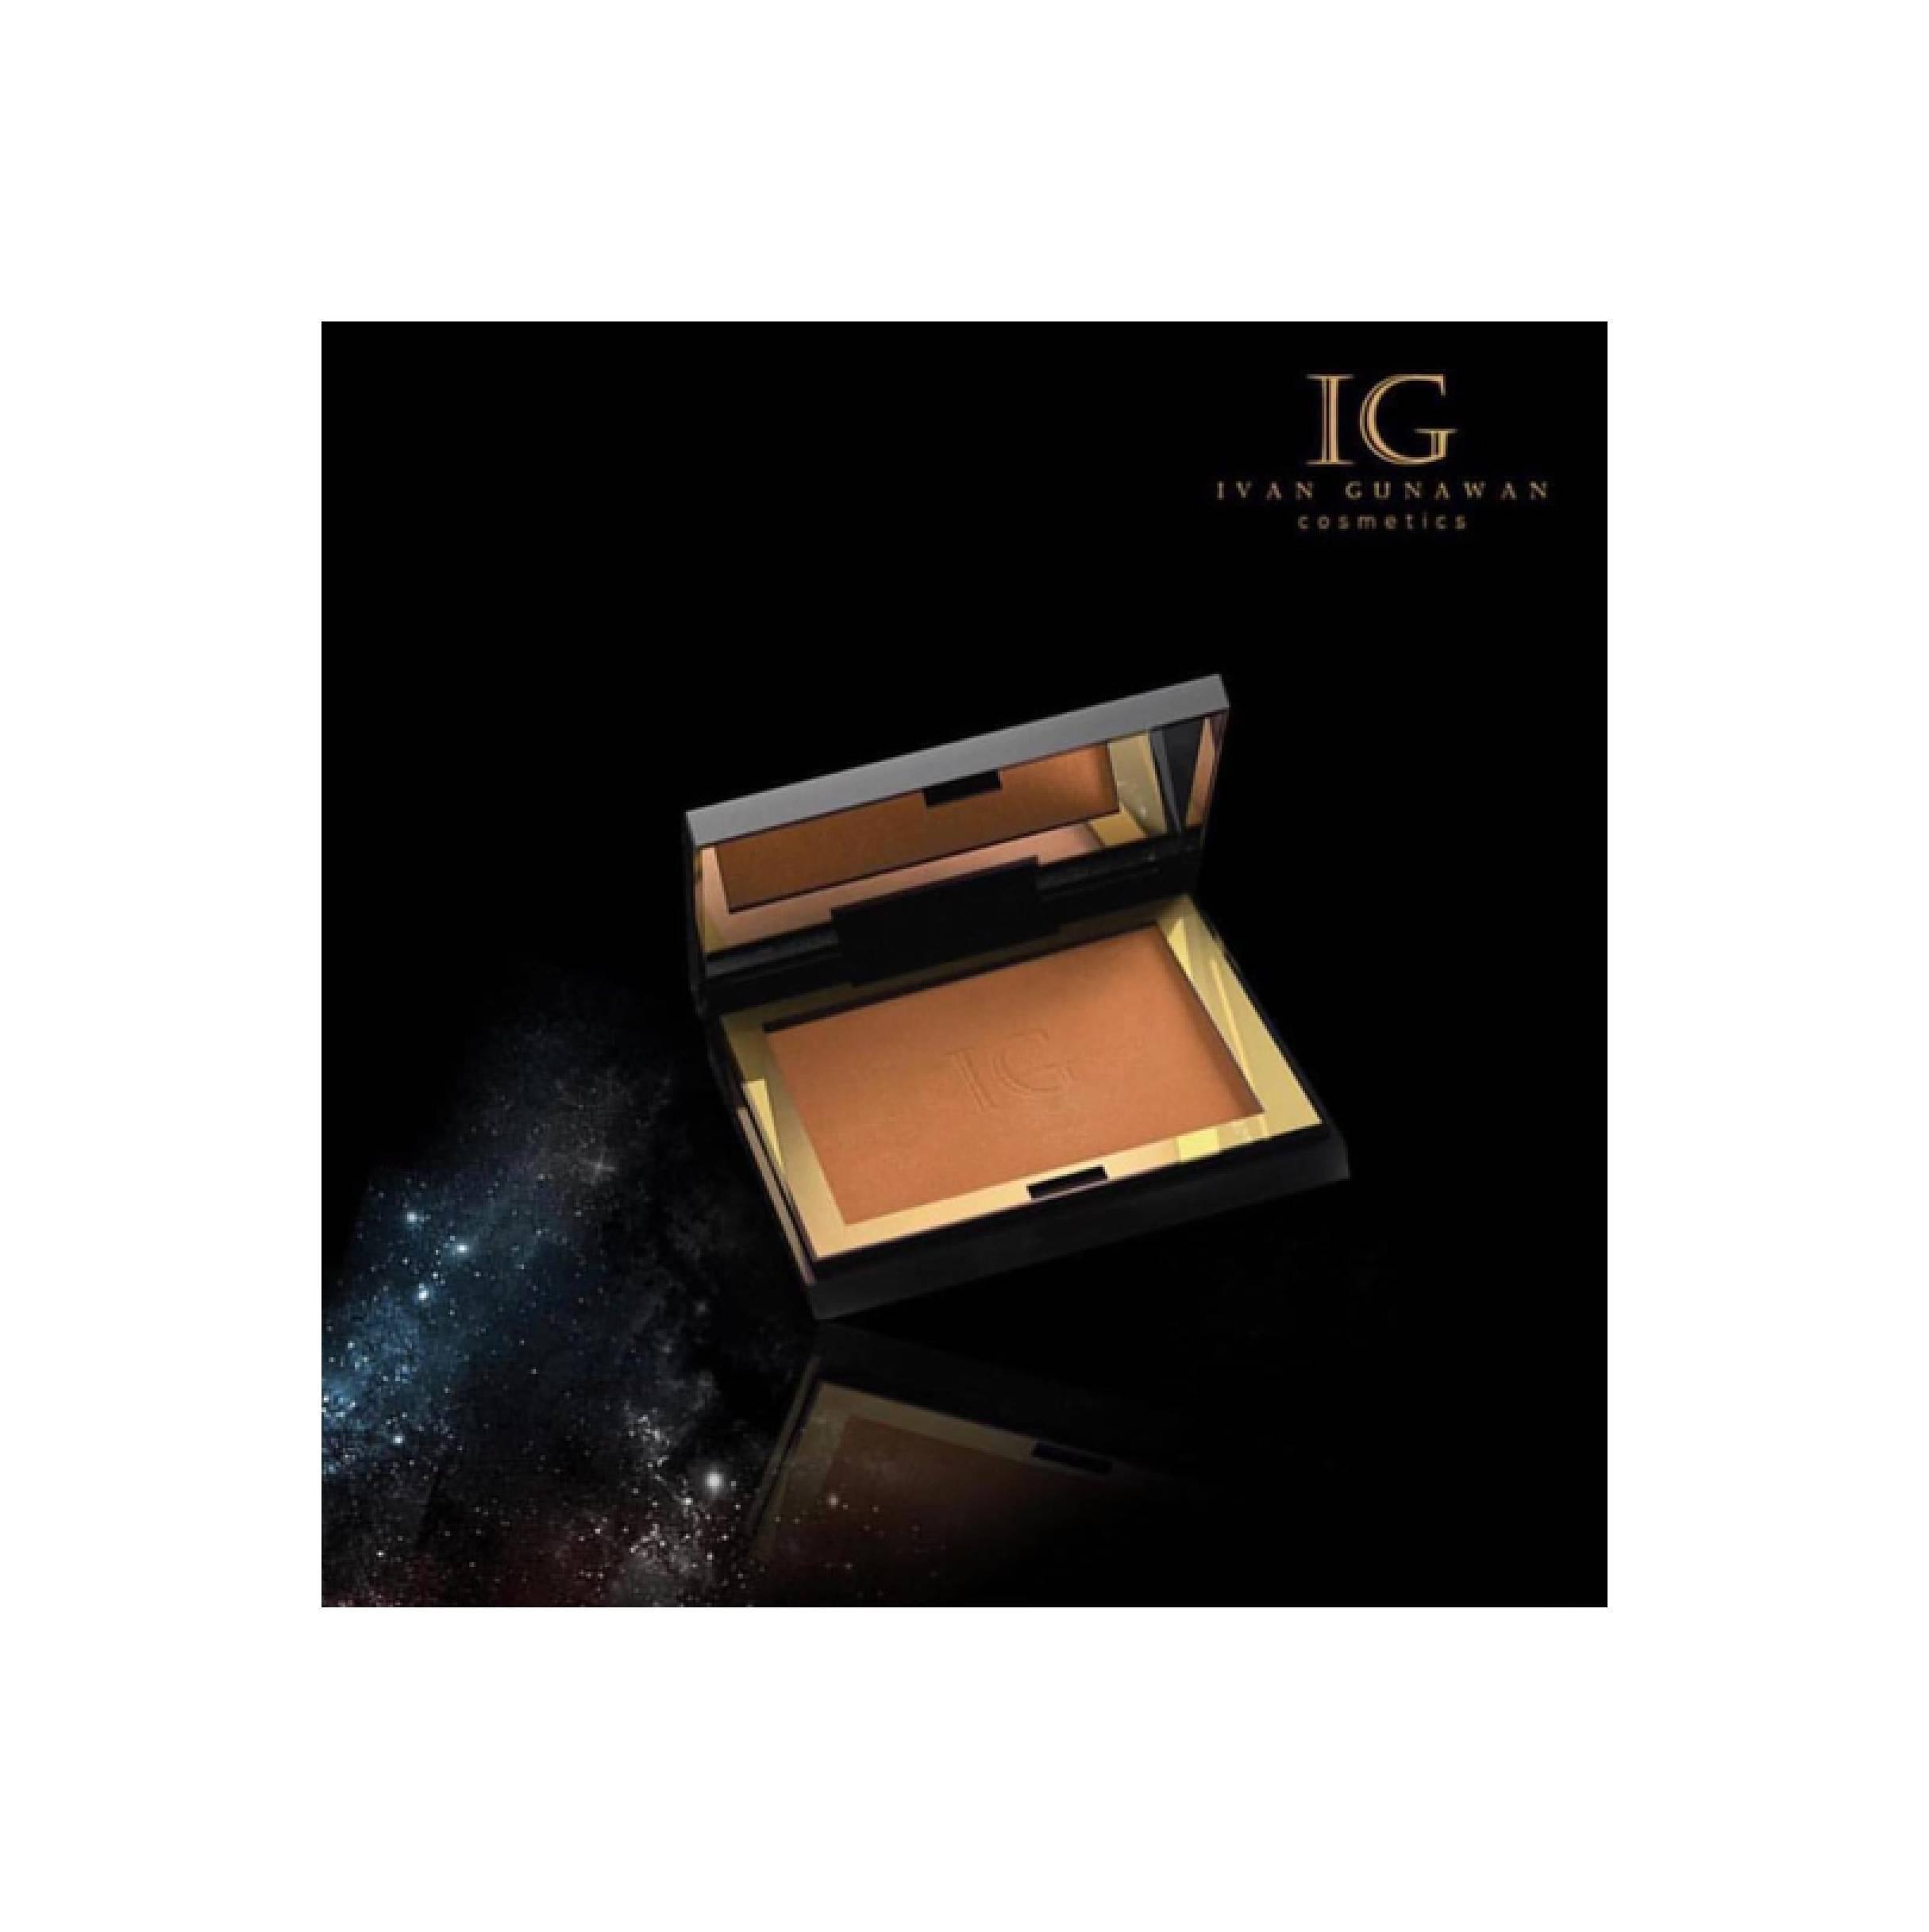 Ivan Gunawan Bronzing Powder - Inez Cosmetics